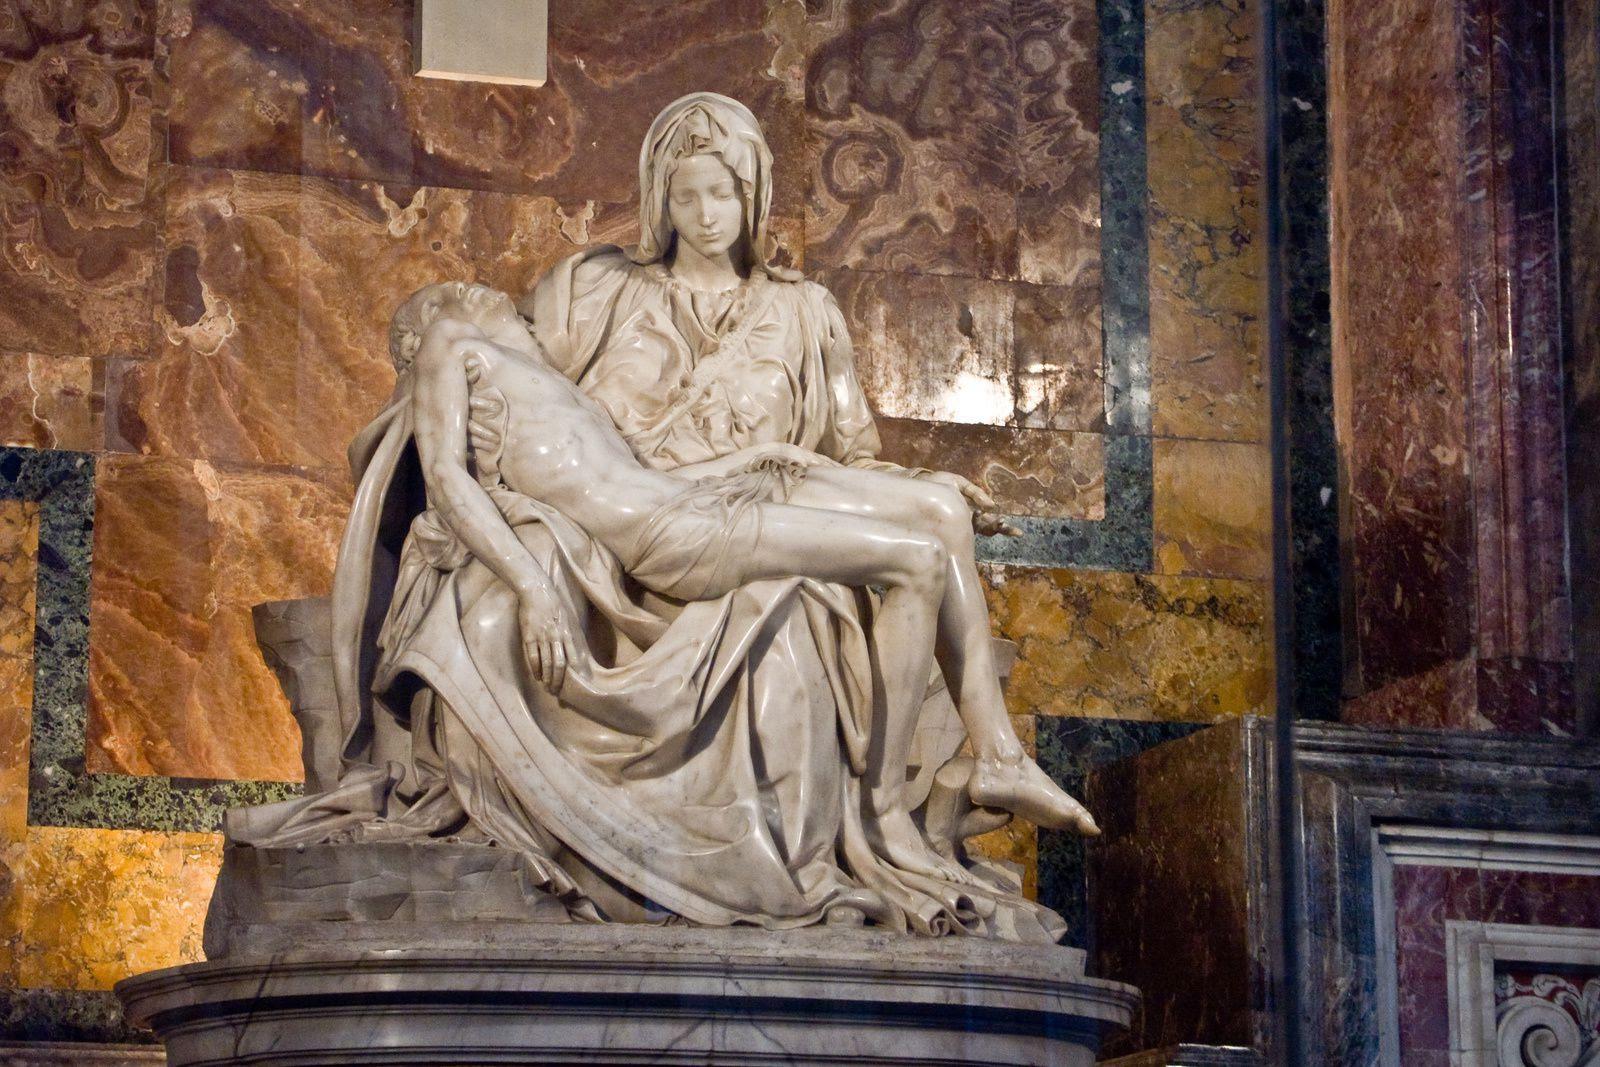 Résultats de recherche d'images pour «La Pietà»